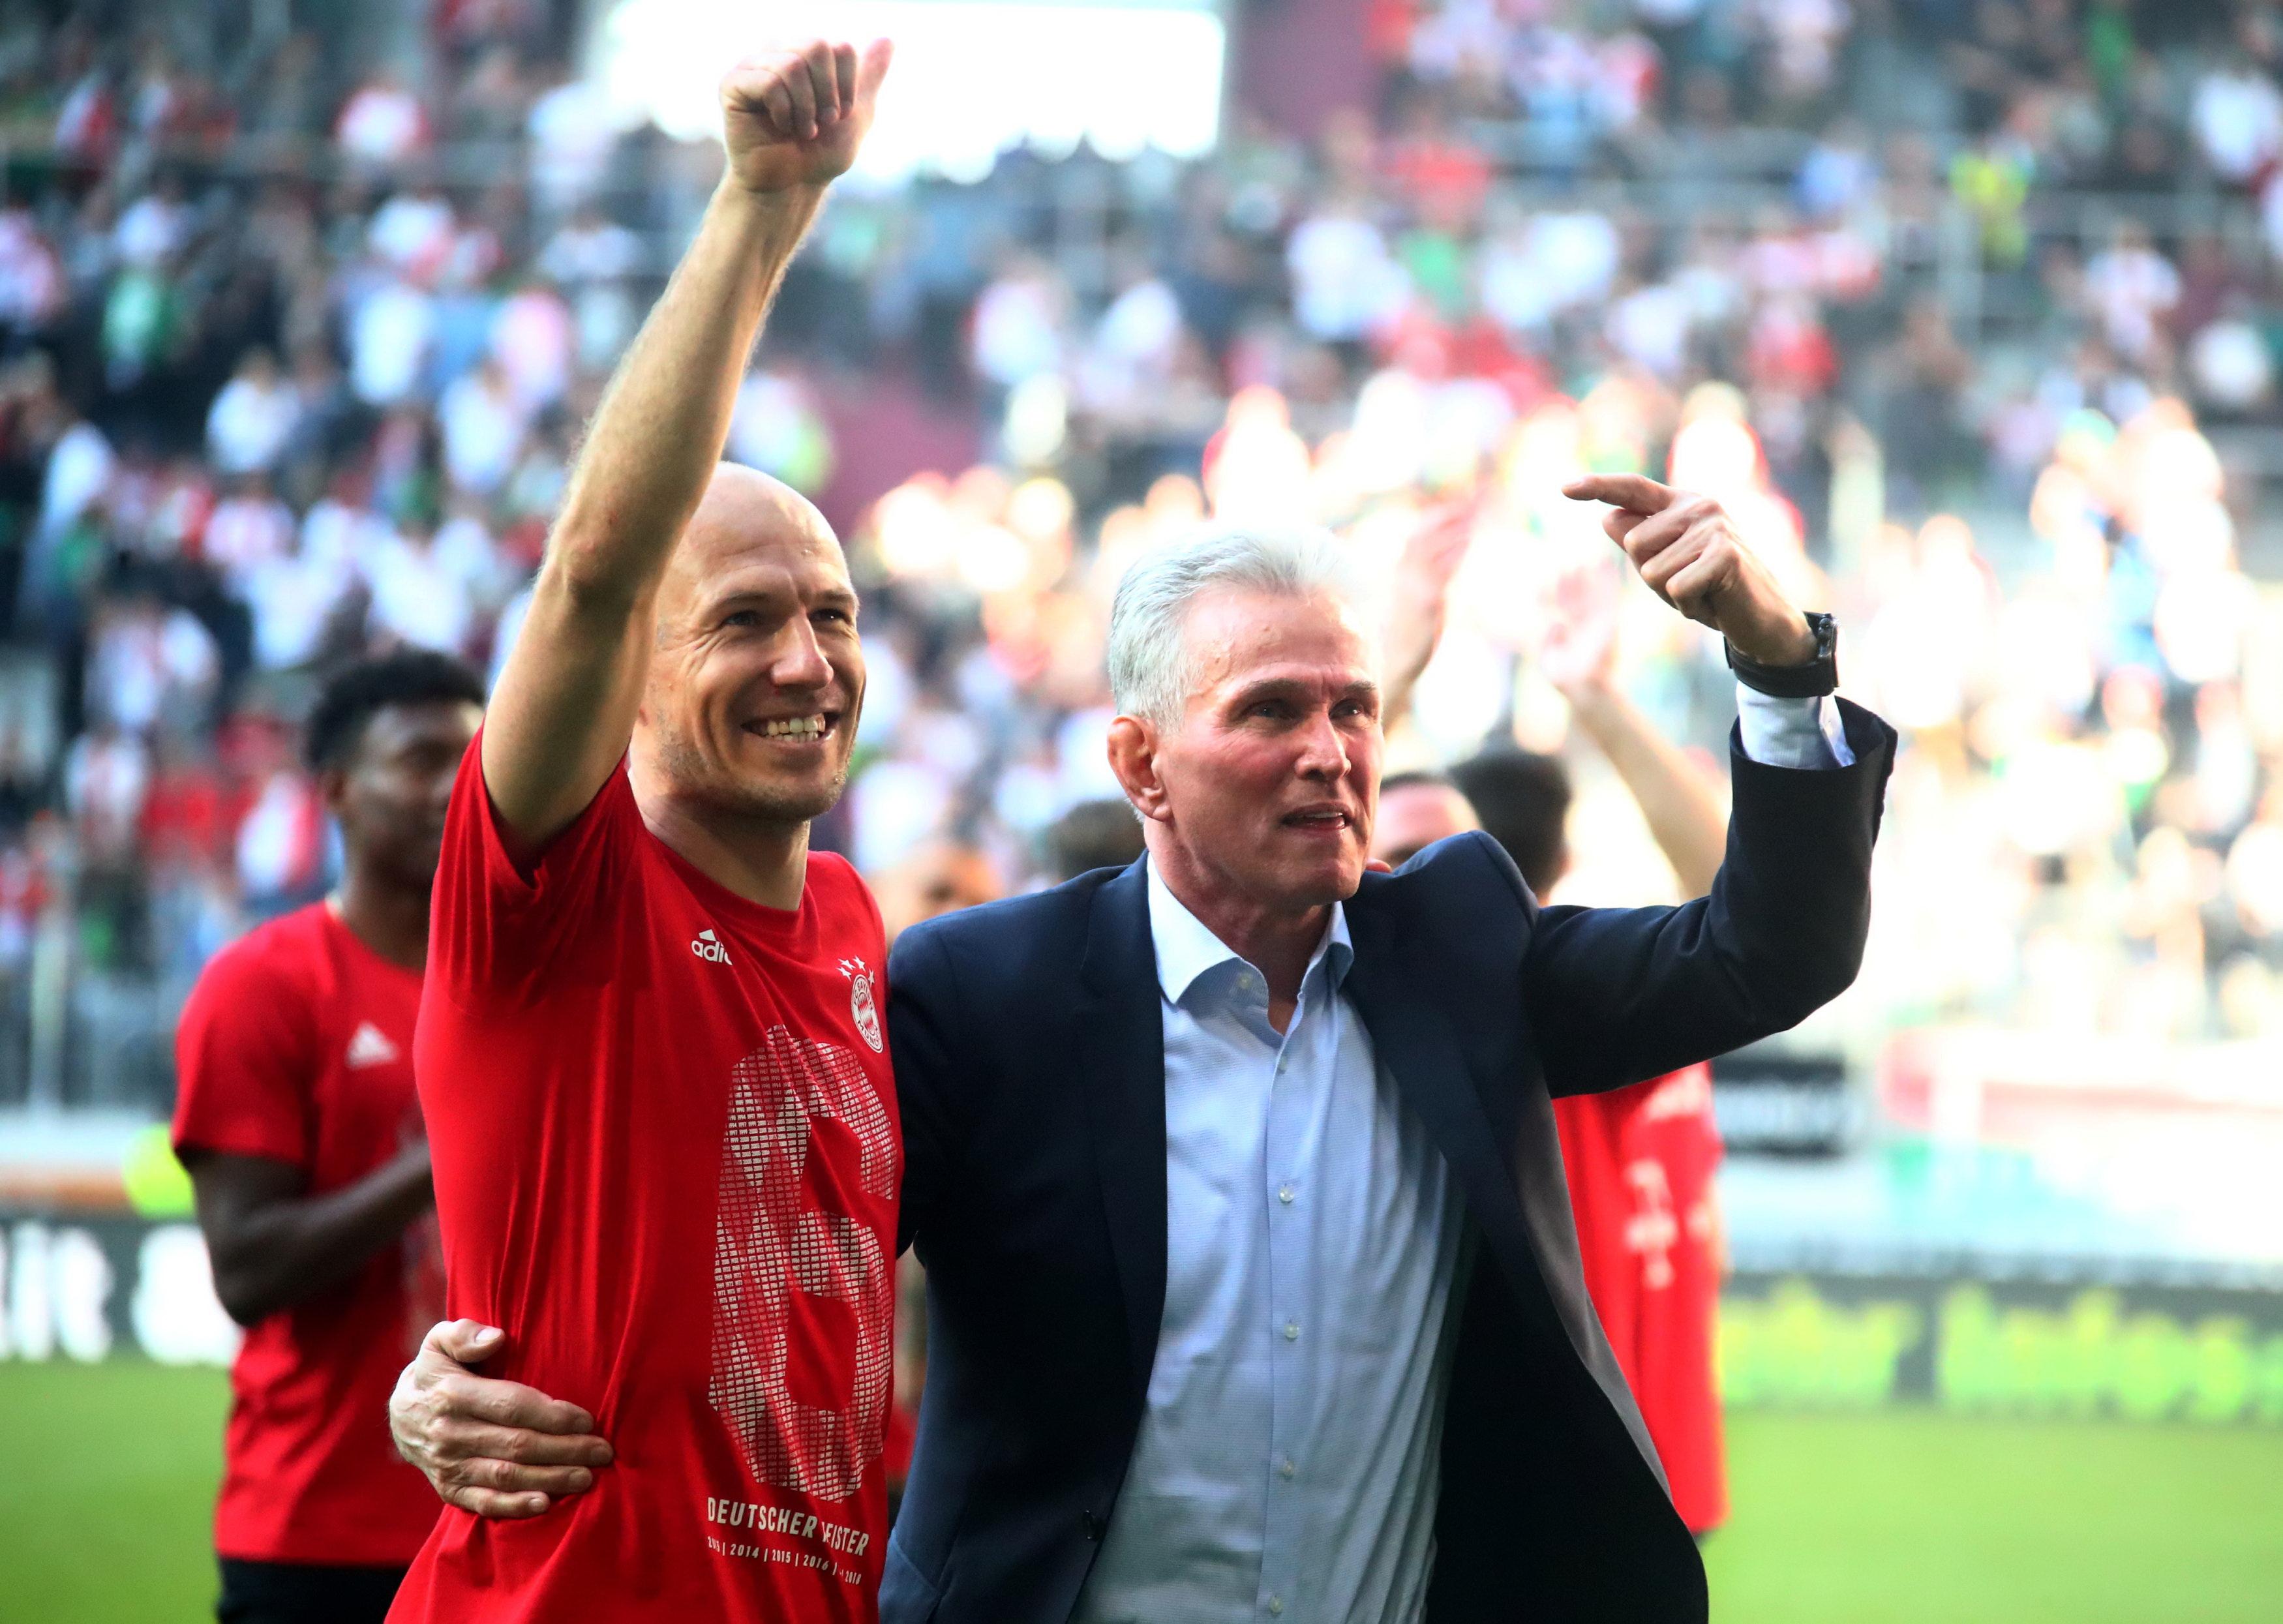 Jupp Heynckes và ngôi sao người Hà Lan Arjen Robben ăn mừng chức vô địch Bundesliga mùa bóng 2017-2018 của Bayern Munich. Ảnh: REUTERS